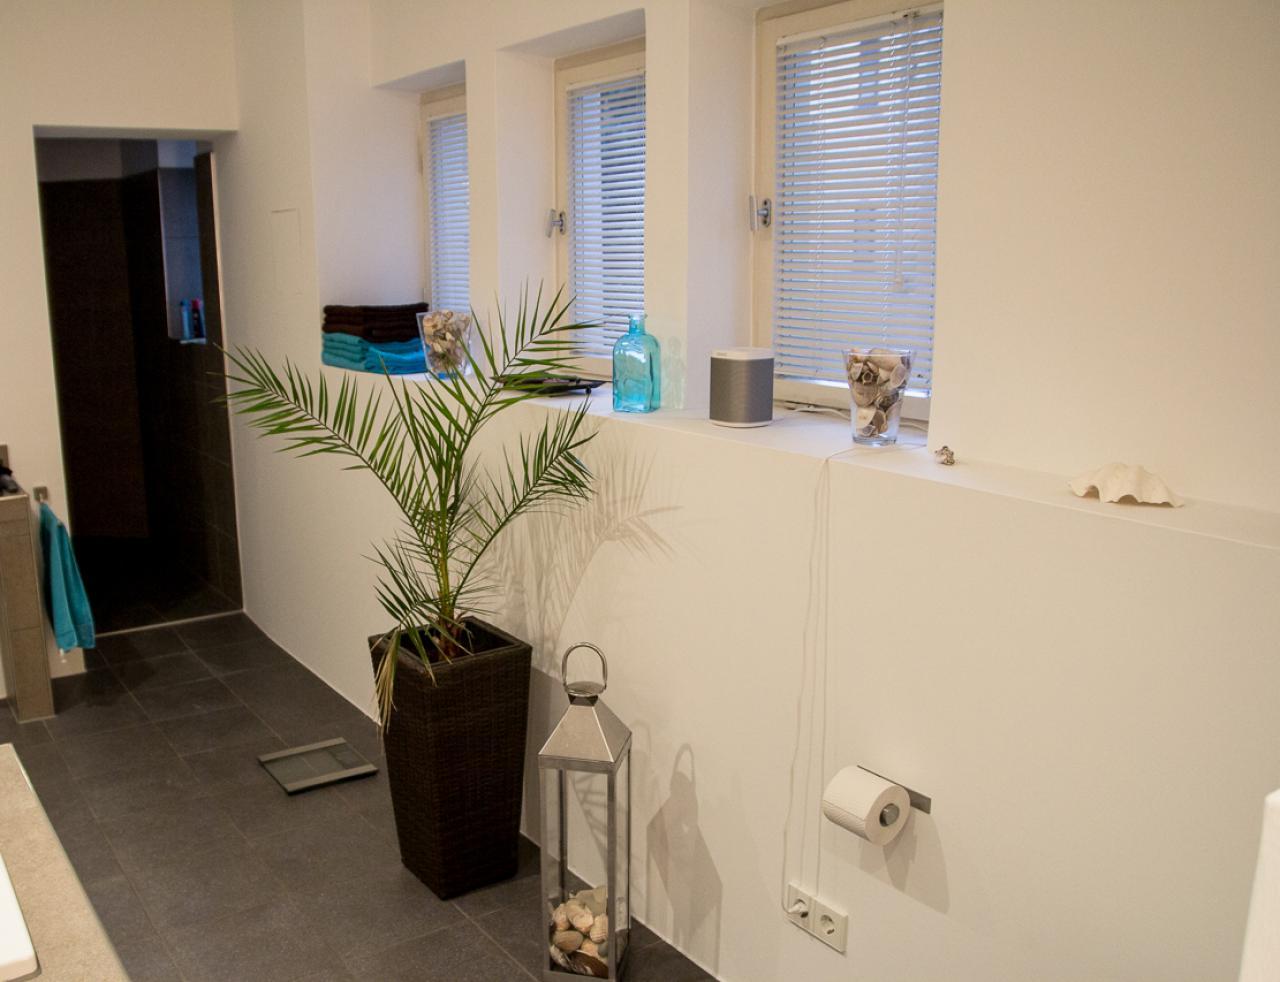 lautsprecher für badezimmer | jtleigh - hausgestaltung ideen, Badezimmer